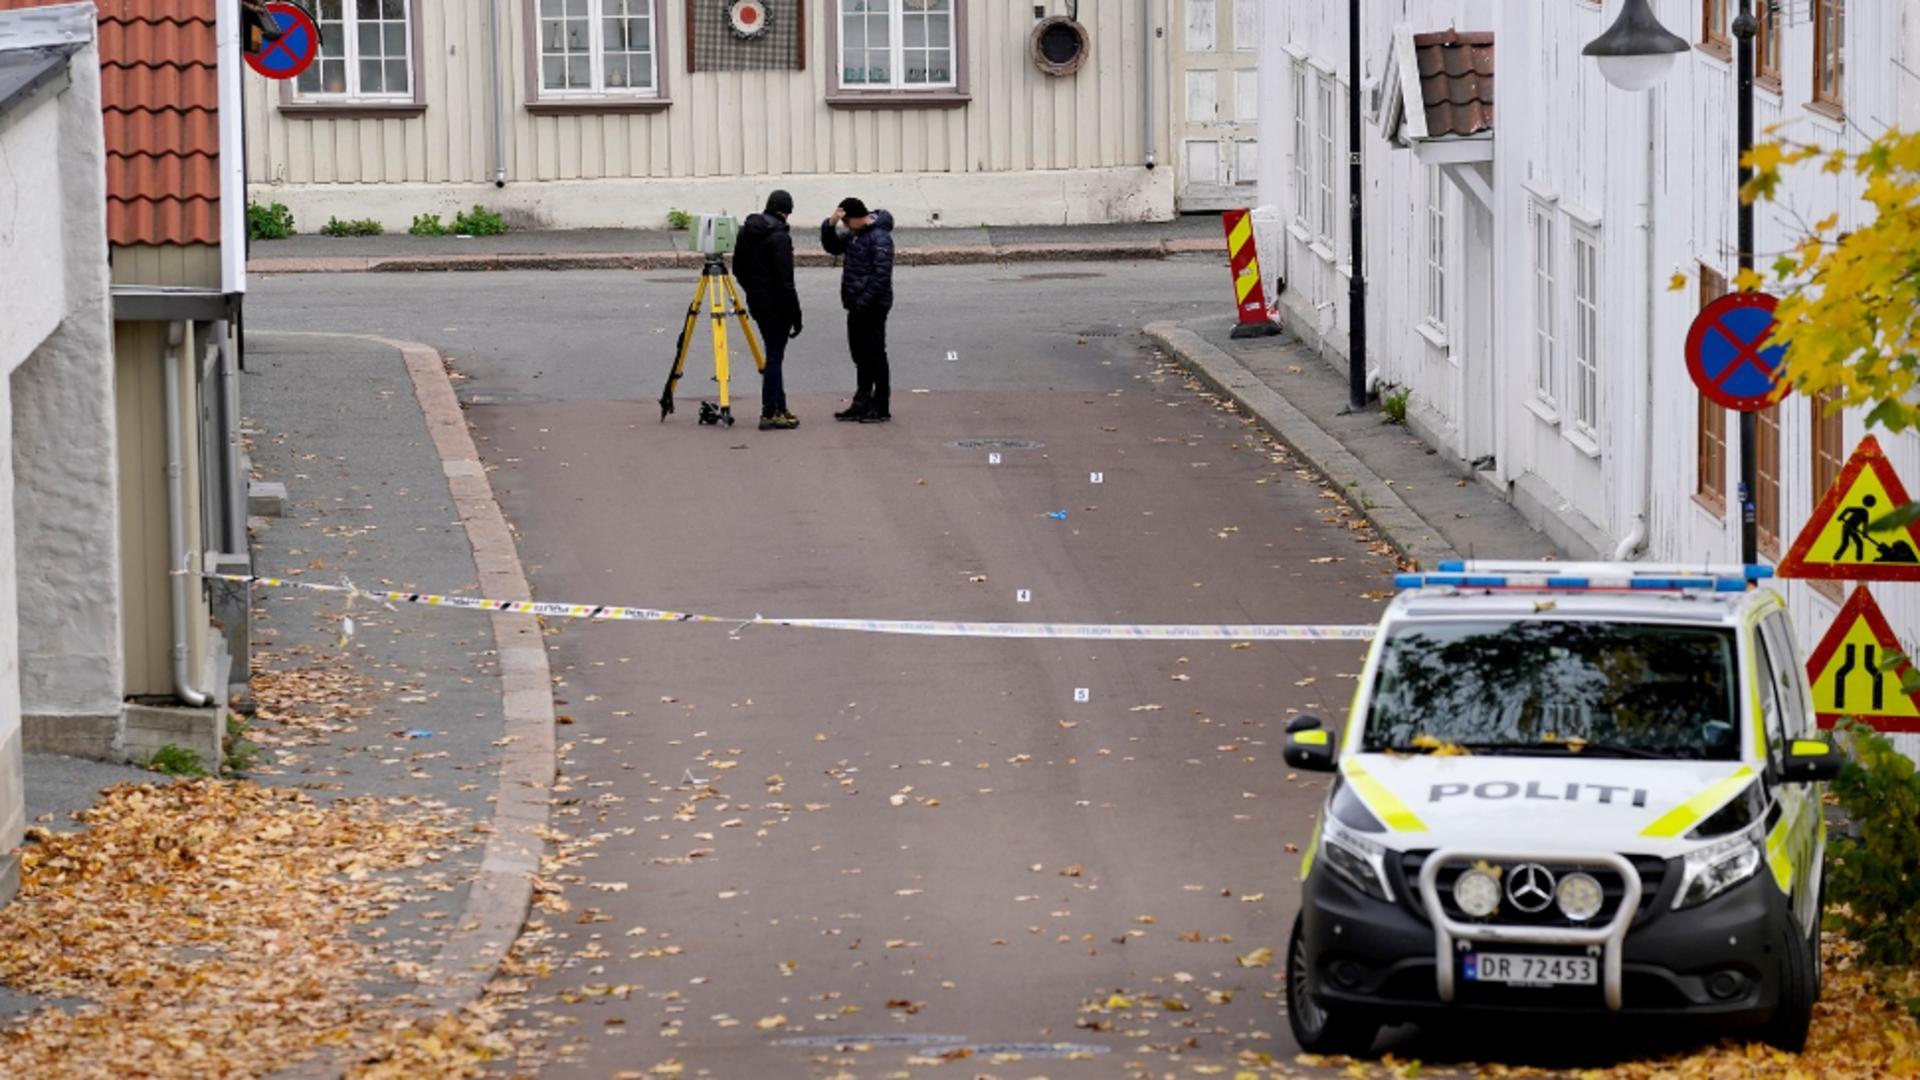 Atac sângeros în Norvegia / Proimedia